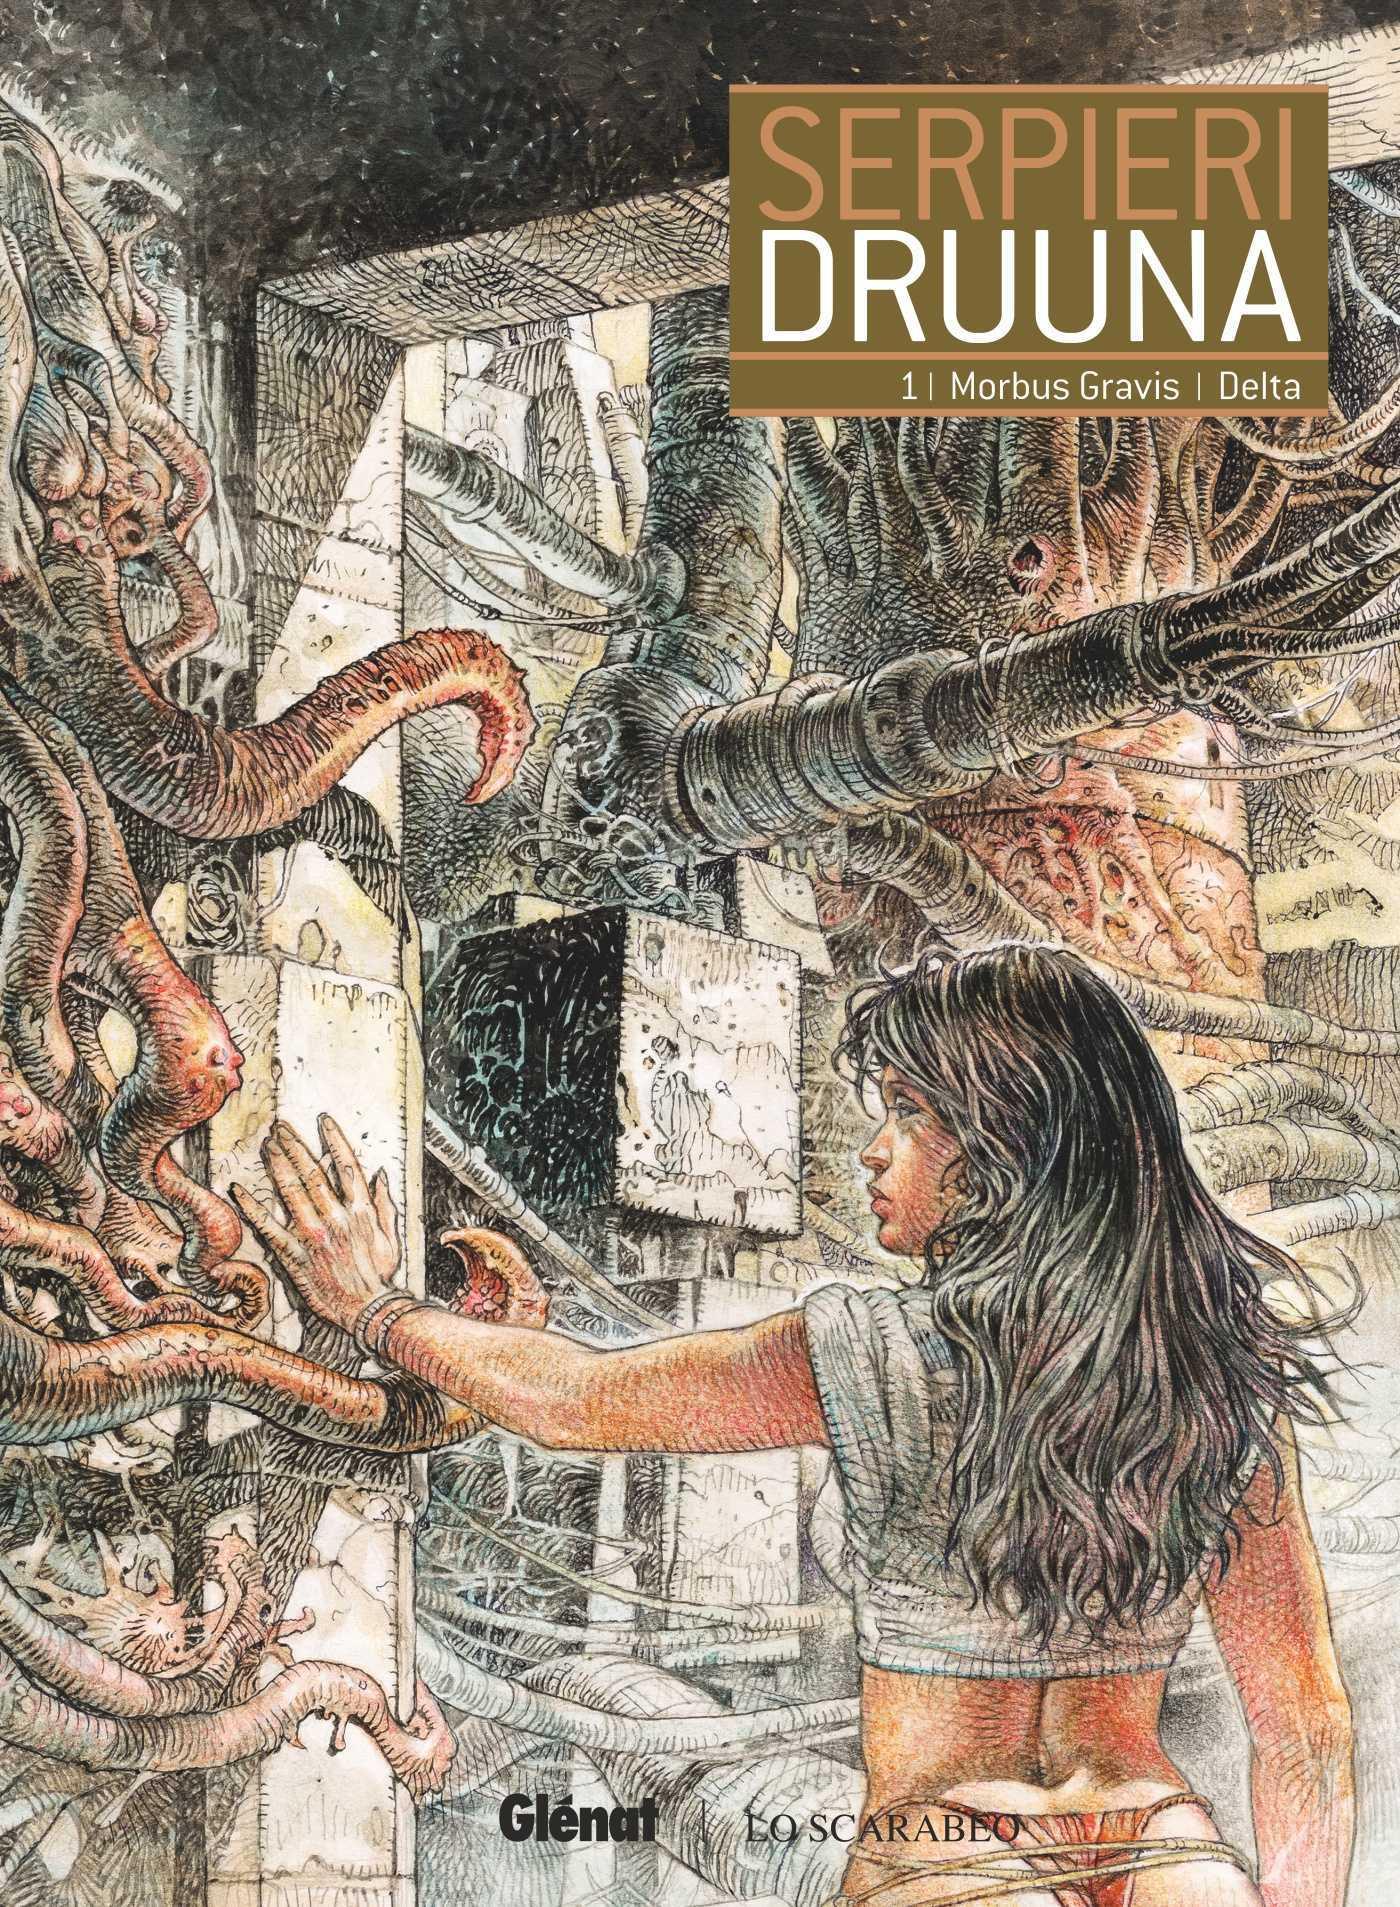 Druuna, retour aux sources avec Serpieri